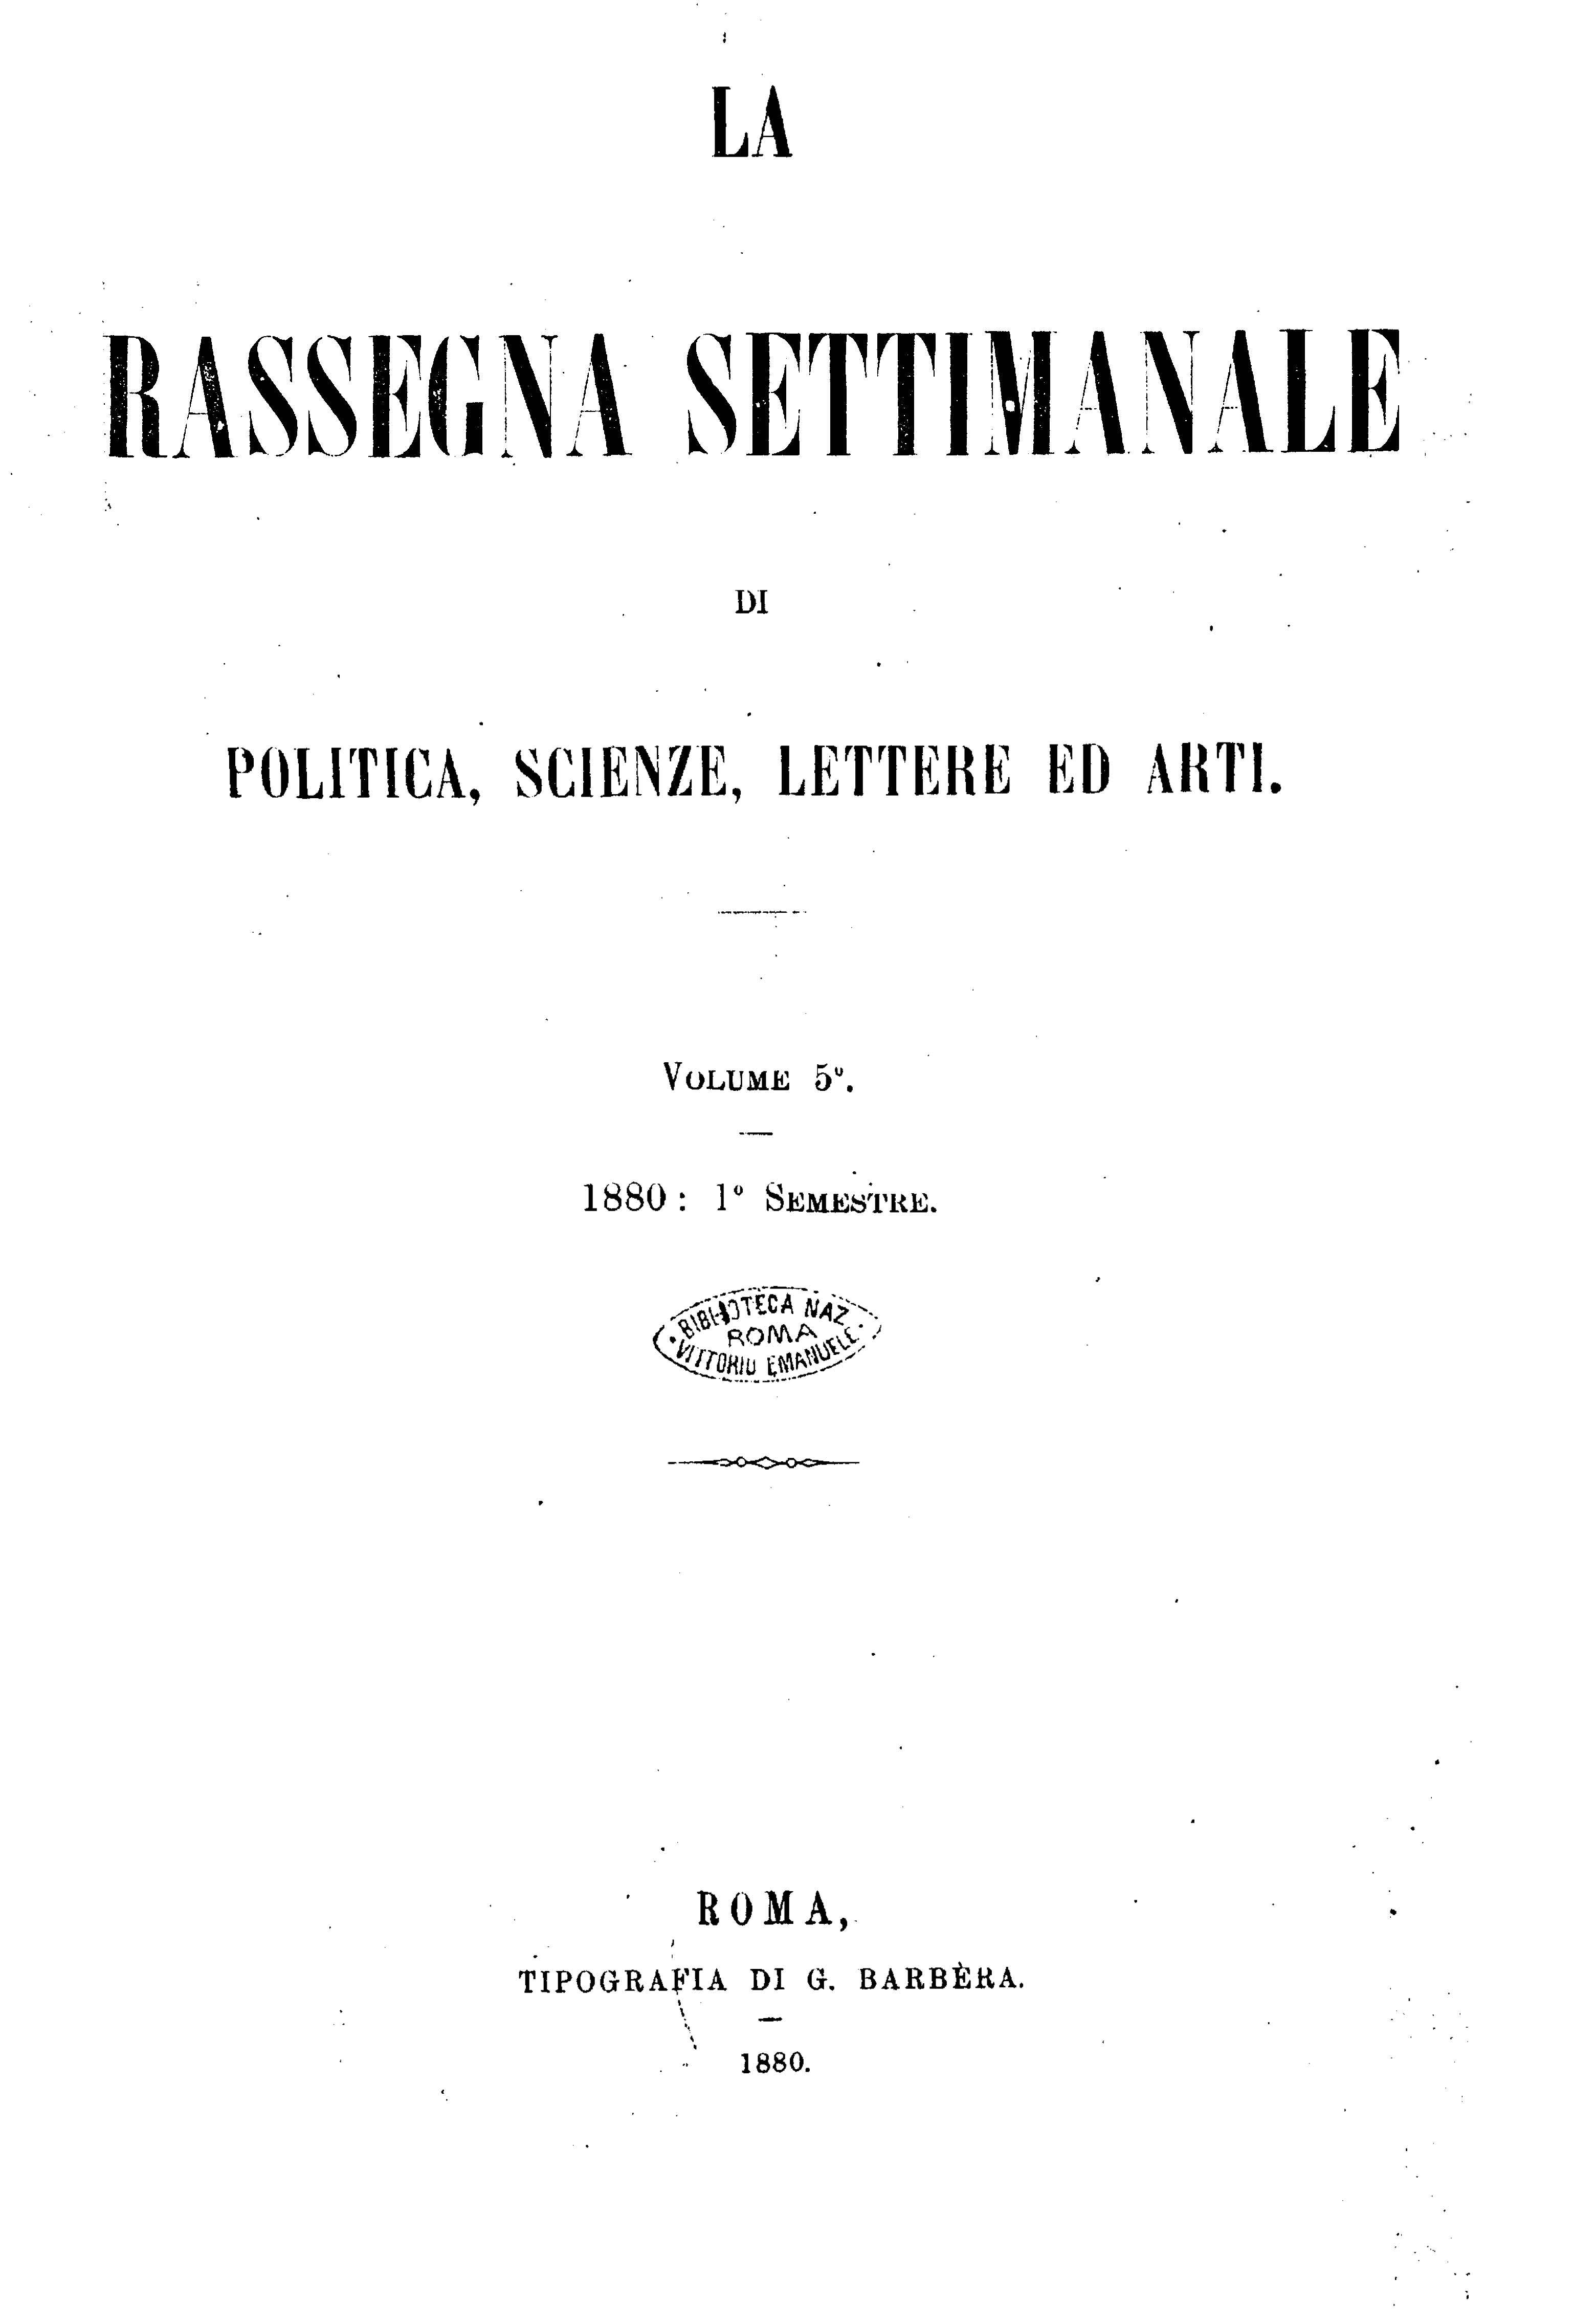 Fascicolo 111 - Volume 5 - 1880 - Semestre 1 - Trimestre 1